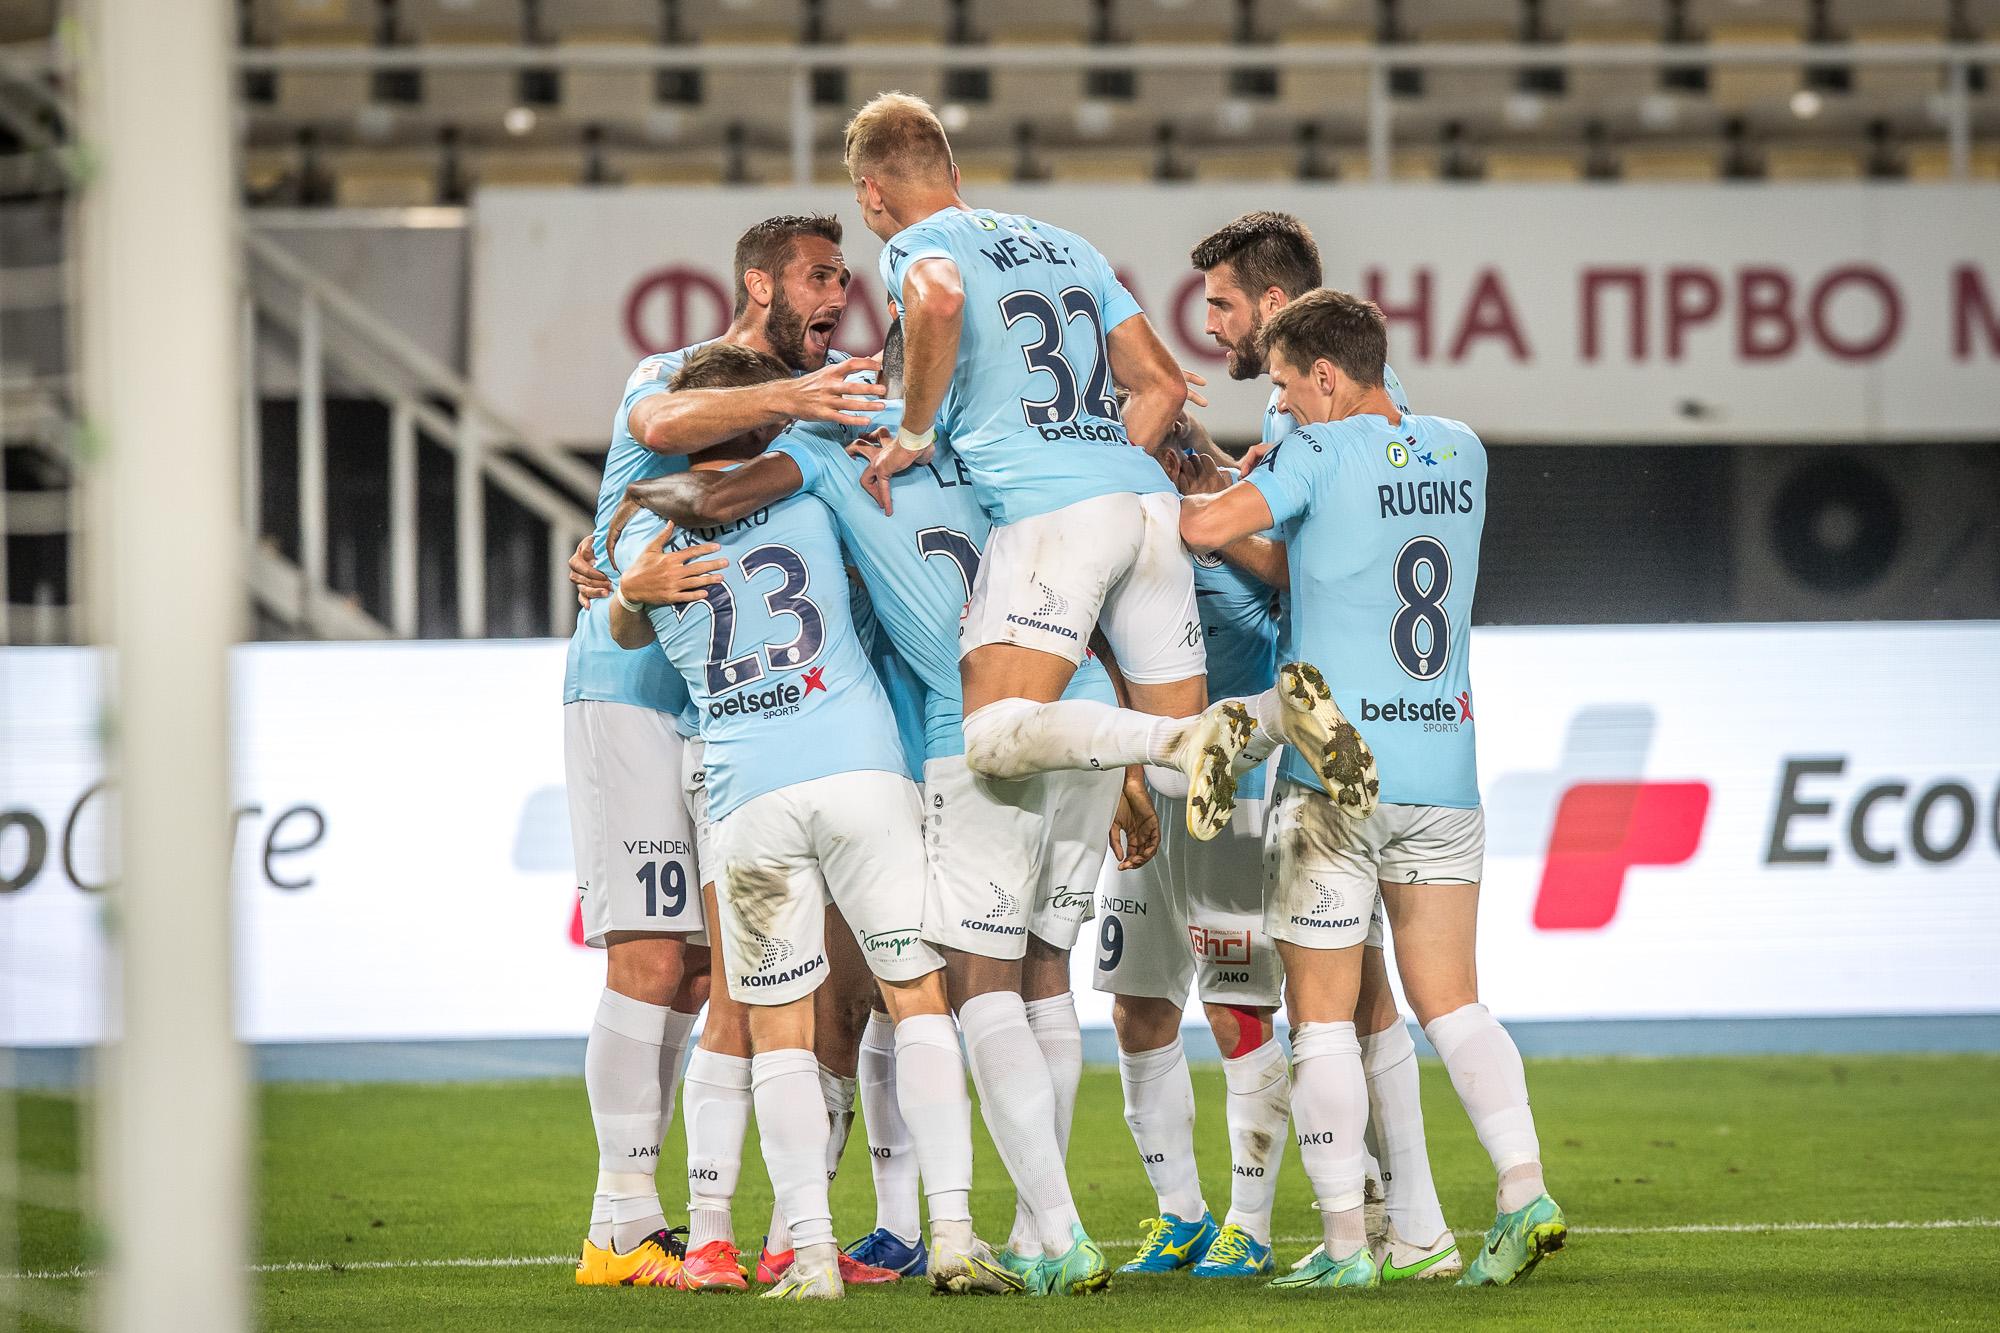 """RFS un """"Riga"""" FC sasniedz Konferences līgas 3. kārtu, Pļaviņam un Točam uzvara pār pasaules čempioniem – aizvadītās dienas aktualitātes"""